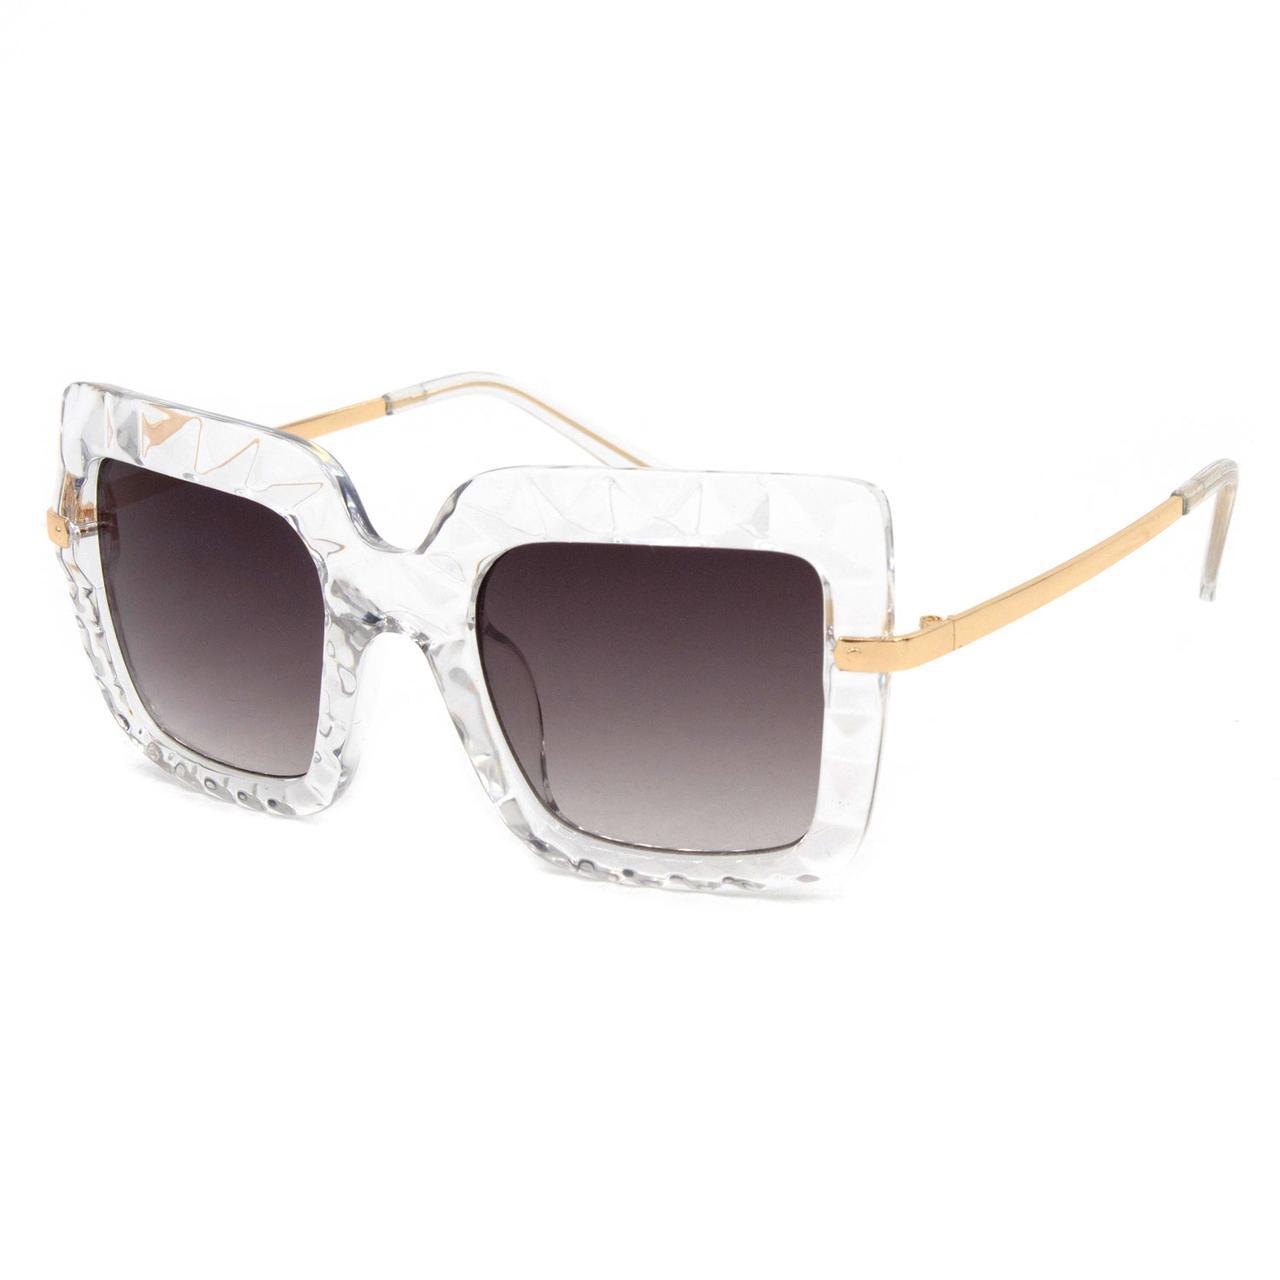 Солнцезащитные очки Marmilen 95504 C1 прозрачные оправа пластик    ( 95504-01 )